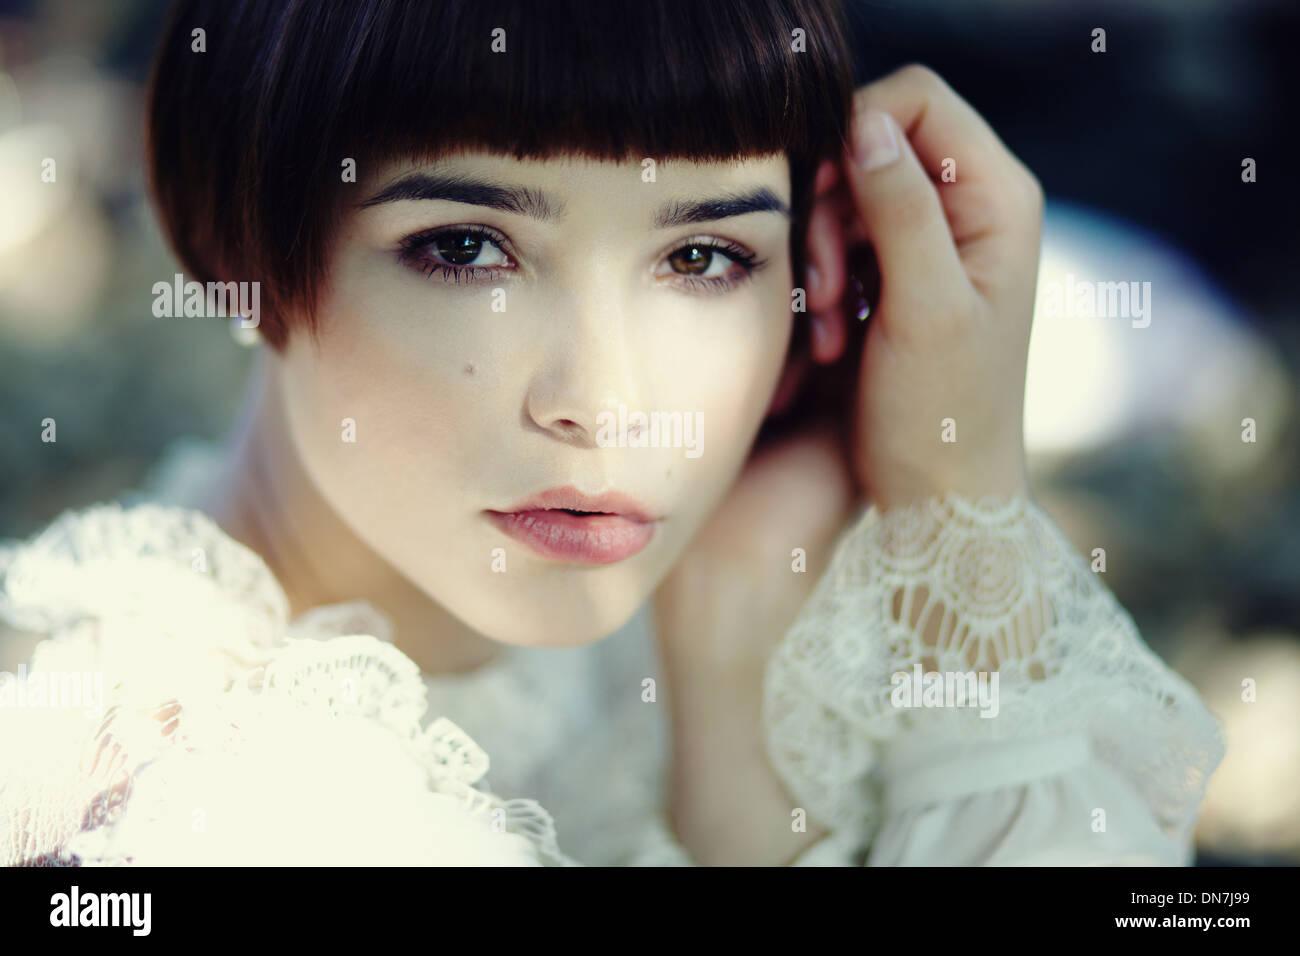 Ritratto di una giovane donna che guarda la fotocamera Immagini Stock